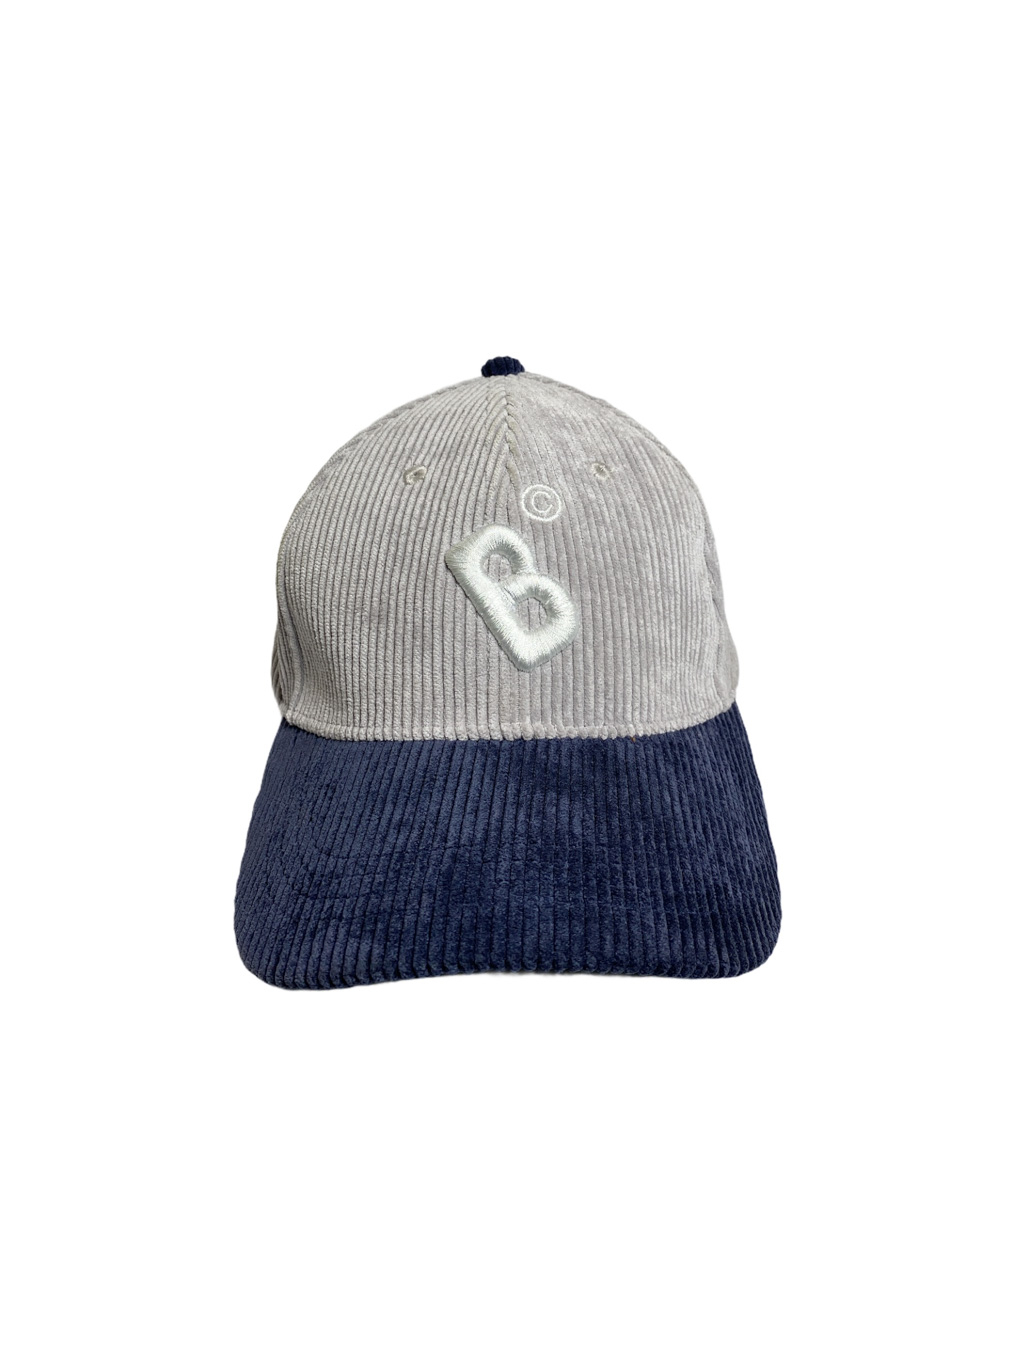 Bangkokr Cap (Gray/Navy Corduroy)